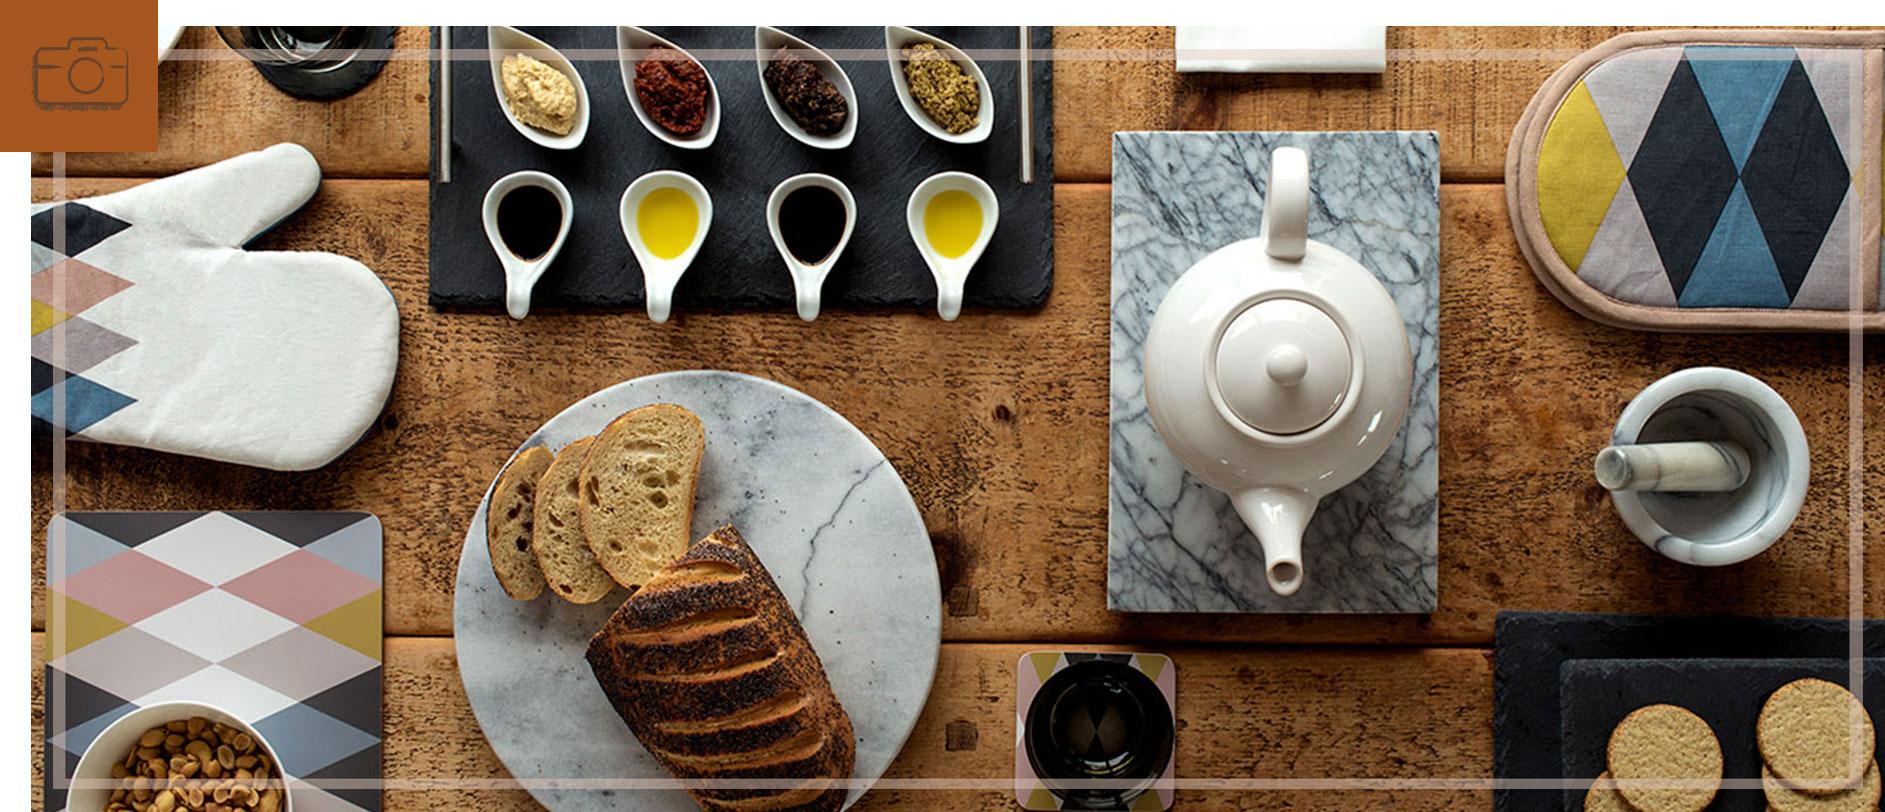 astuces photos culinaires, astuces photo, conseil photographie